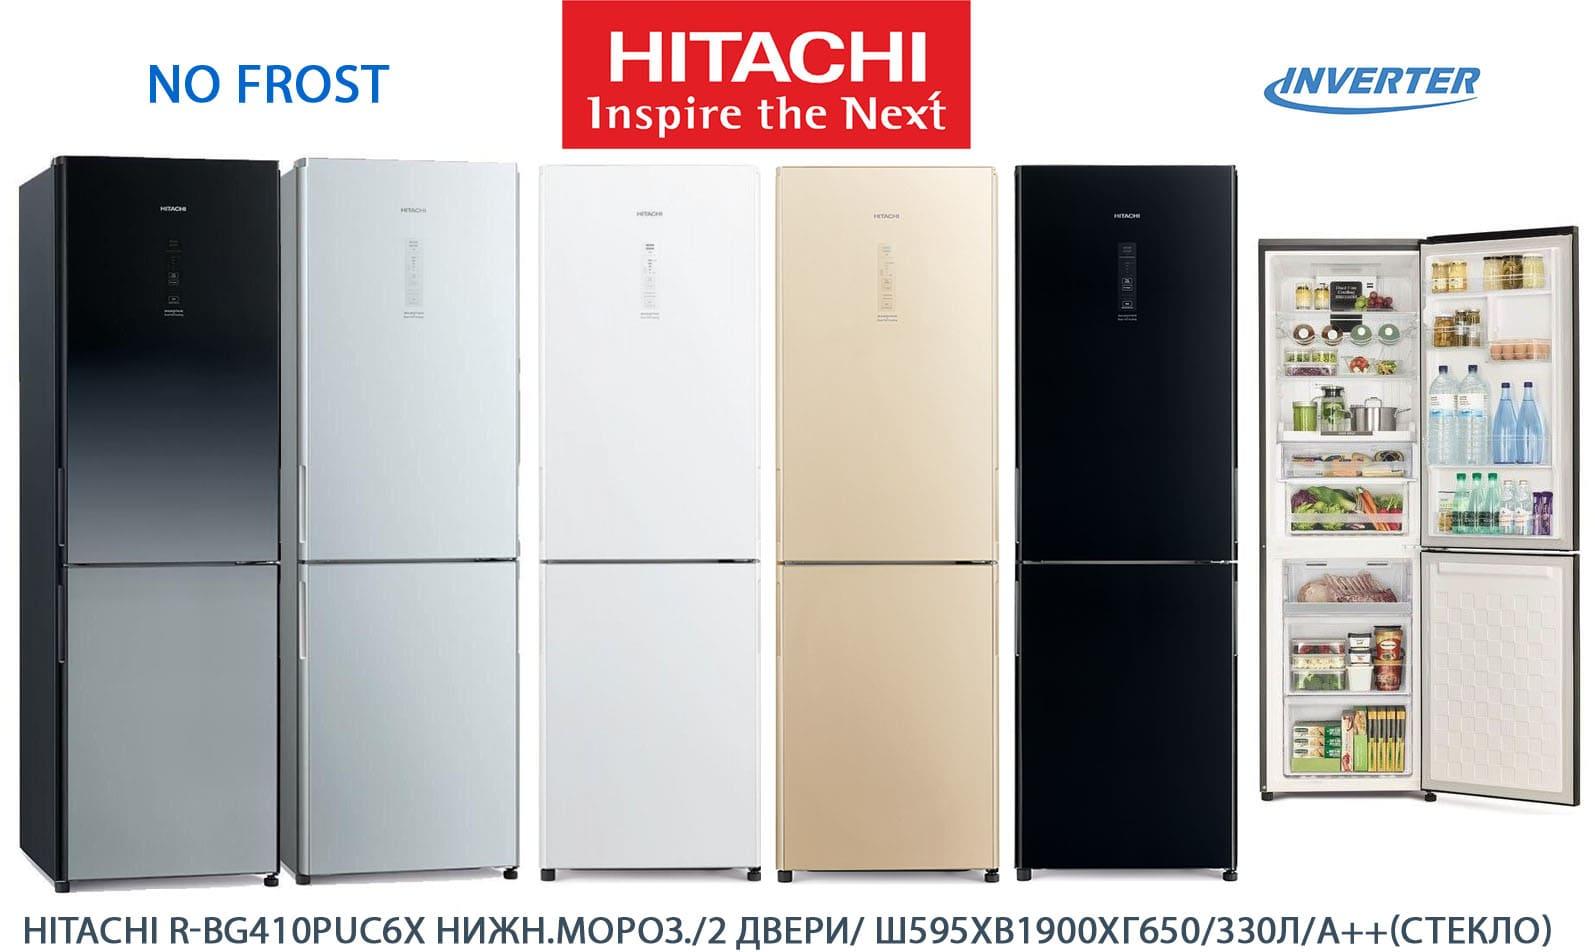 Hitachi_r-BG410_vse_cveta Топ бюджетных холодильников